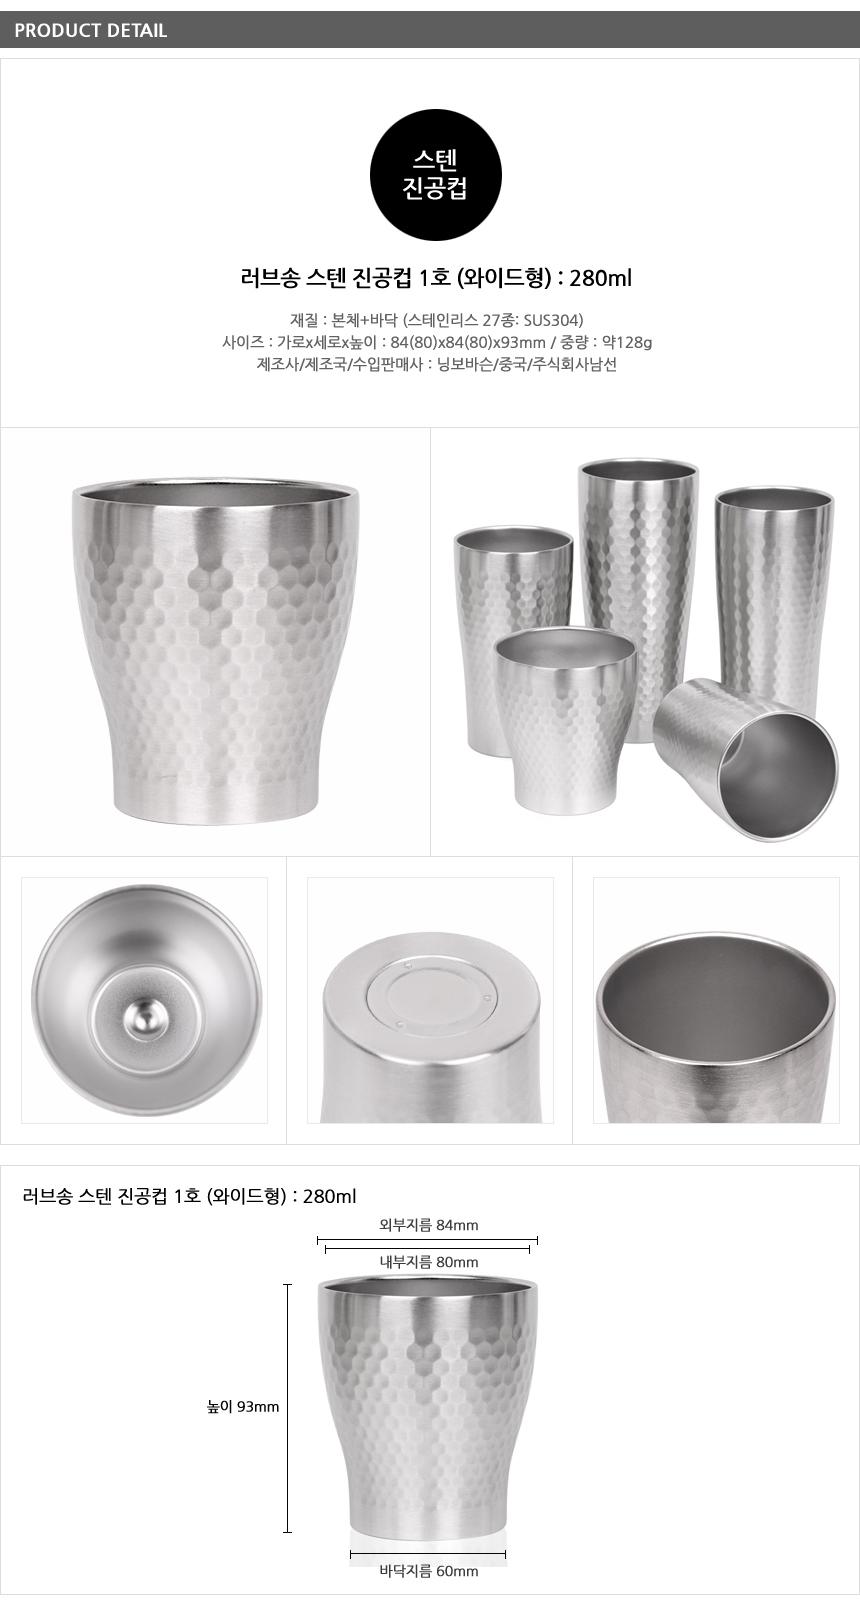 101_03_detail_st_vacuum_cup_no1_280_860.jpg